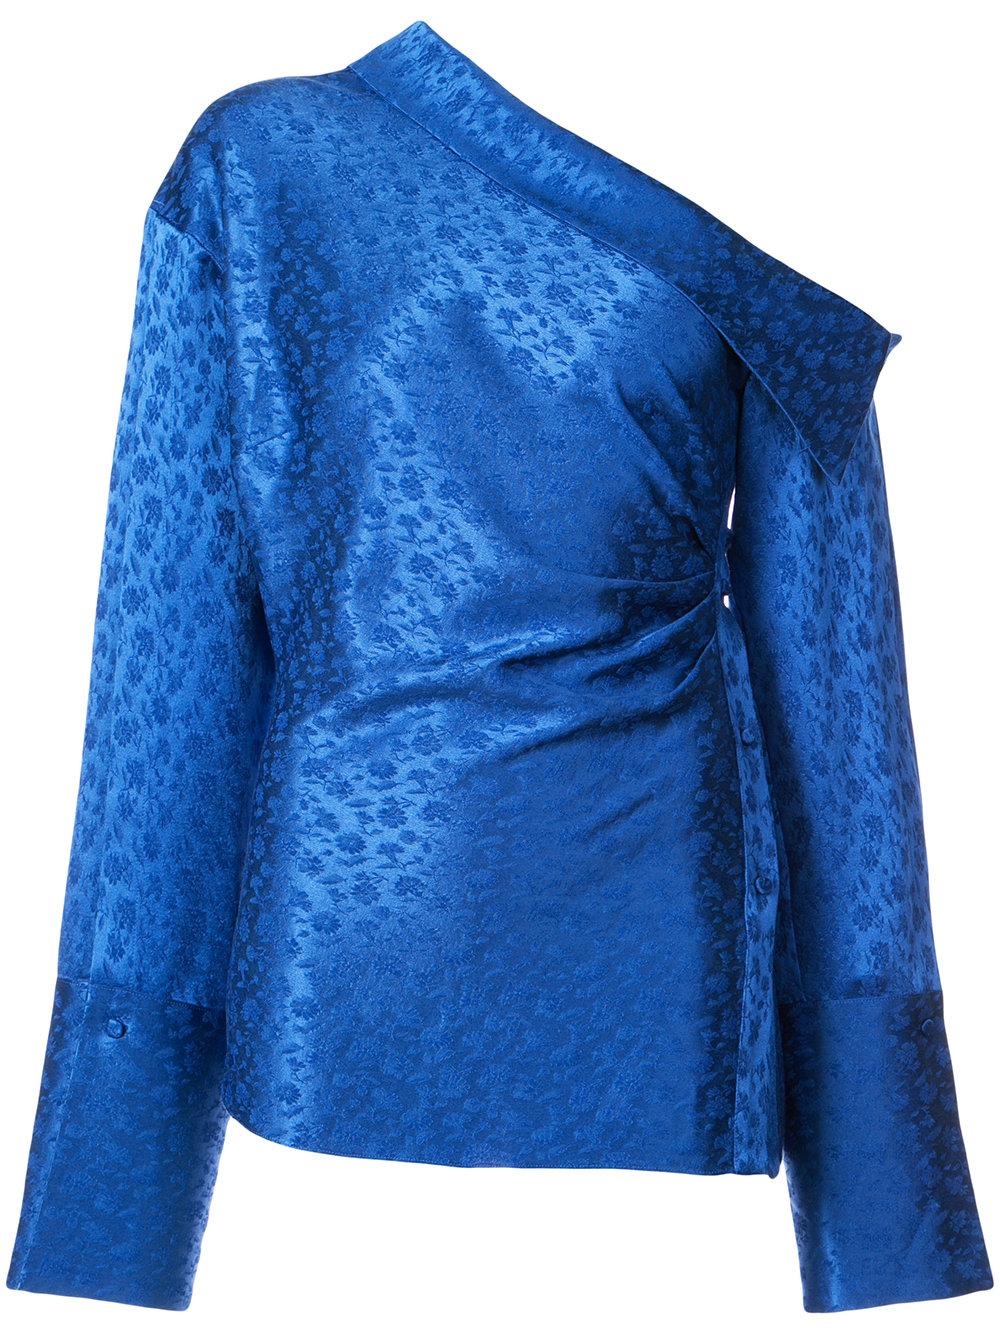 Hellessy One Shoulder Shirt, $980